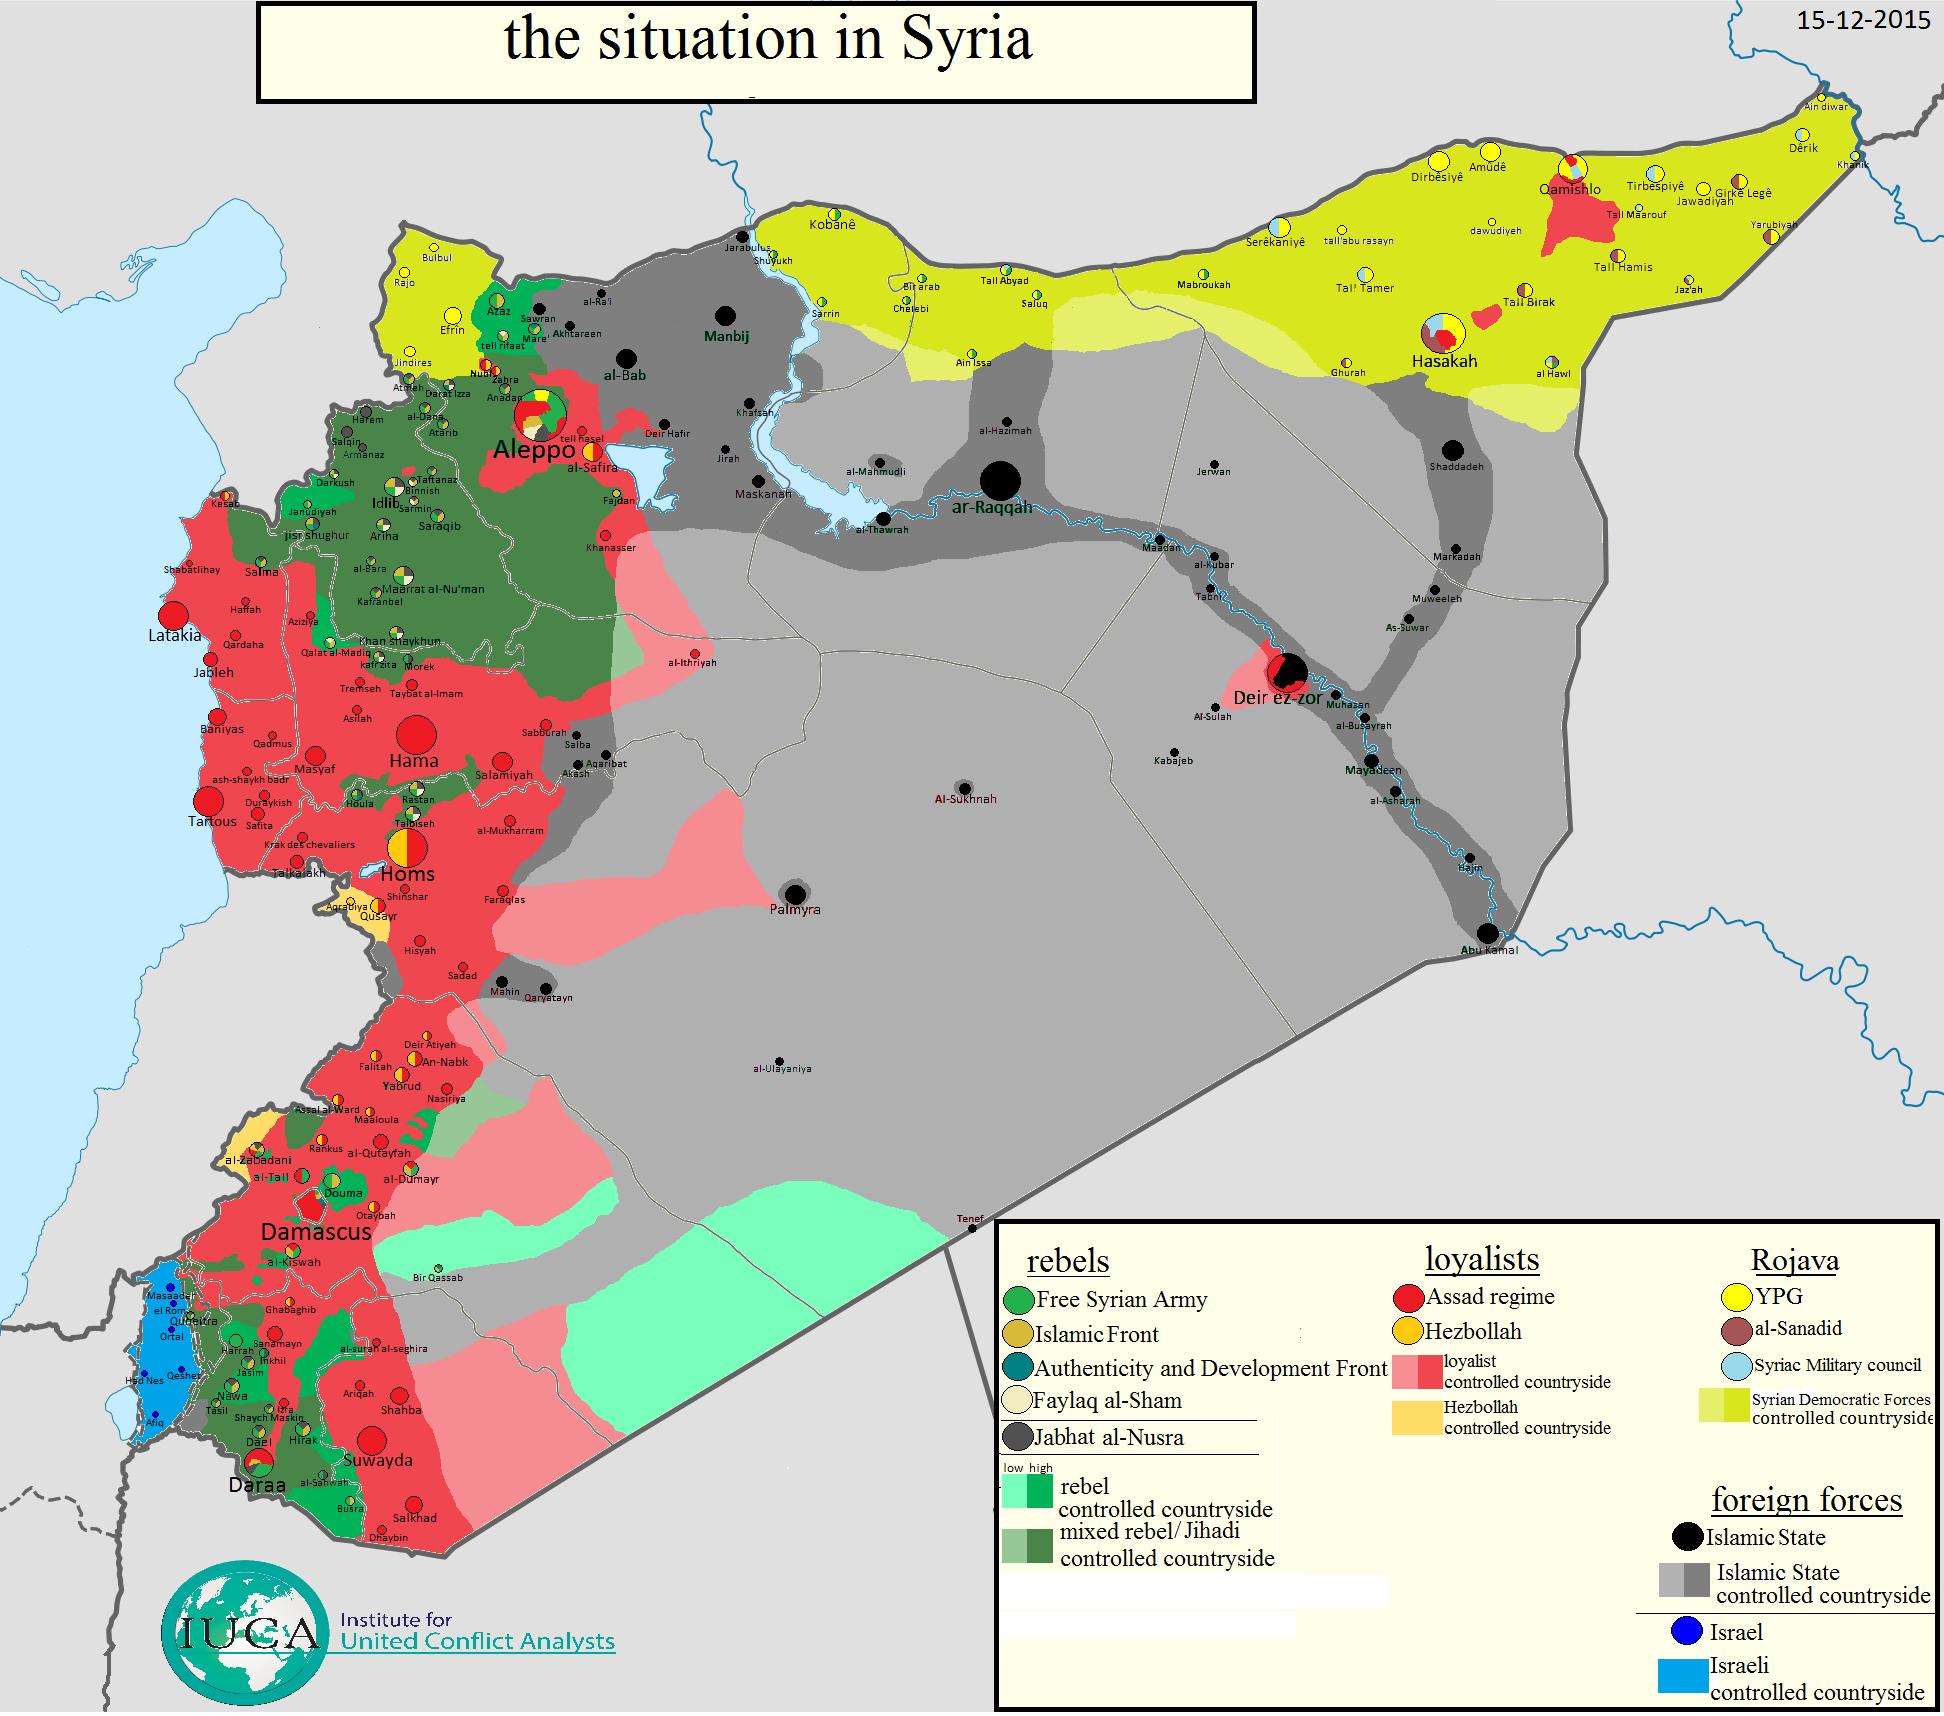 Guerra De Siria Mapa.Mapas De La Situacion De La Guerra En Siria E Iraq Rojava